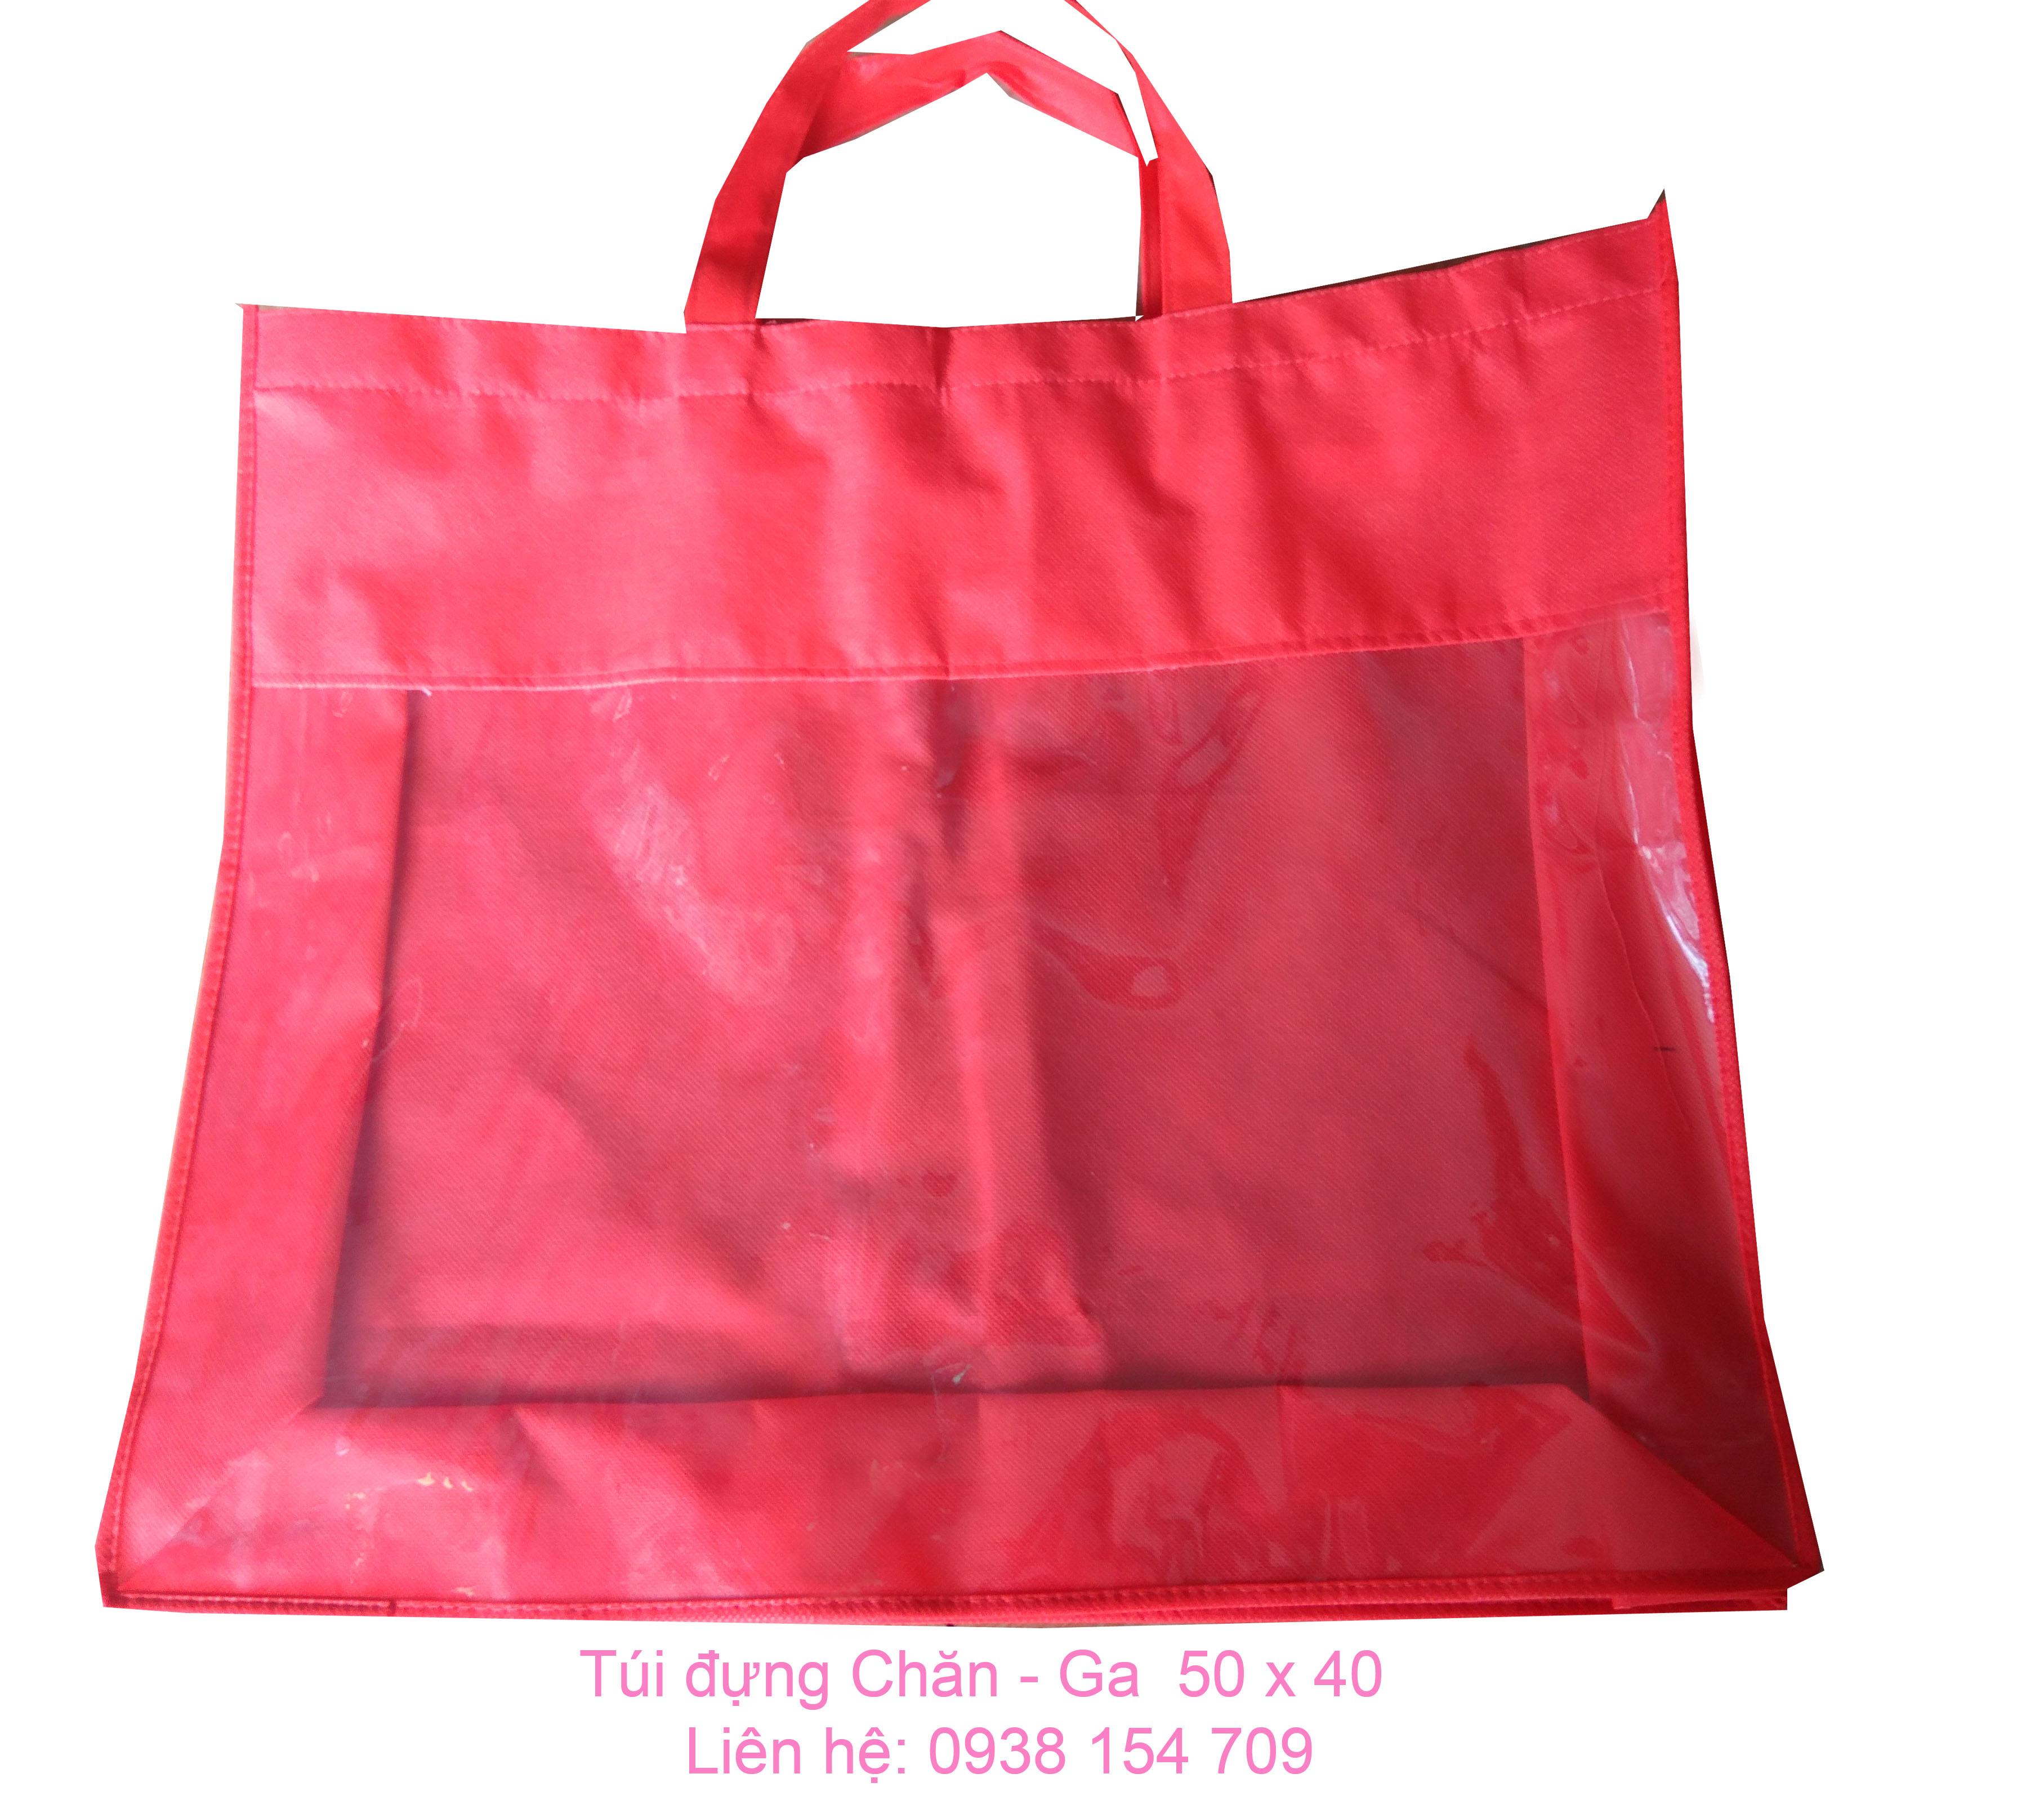 Túi Đựng Chăn - Ga